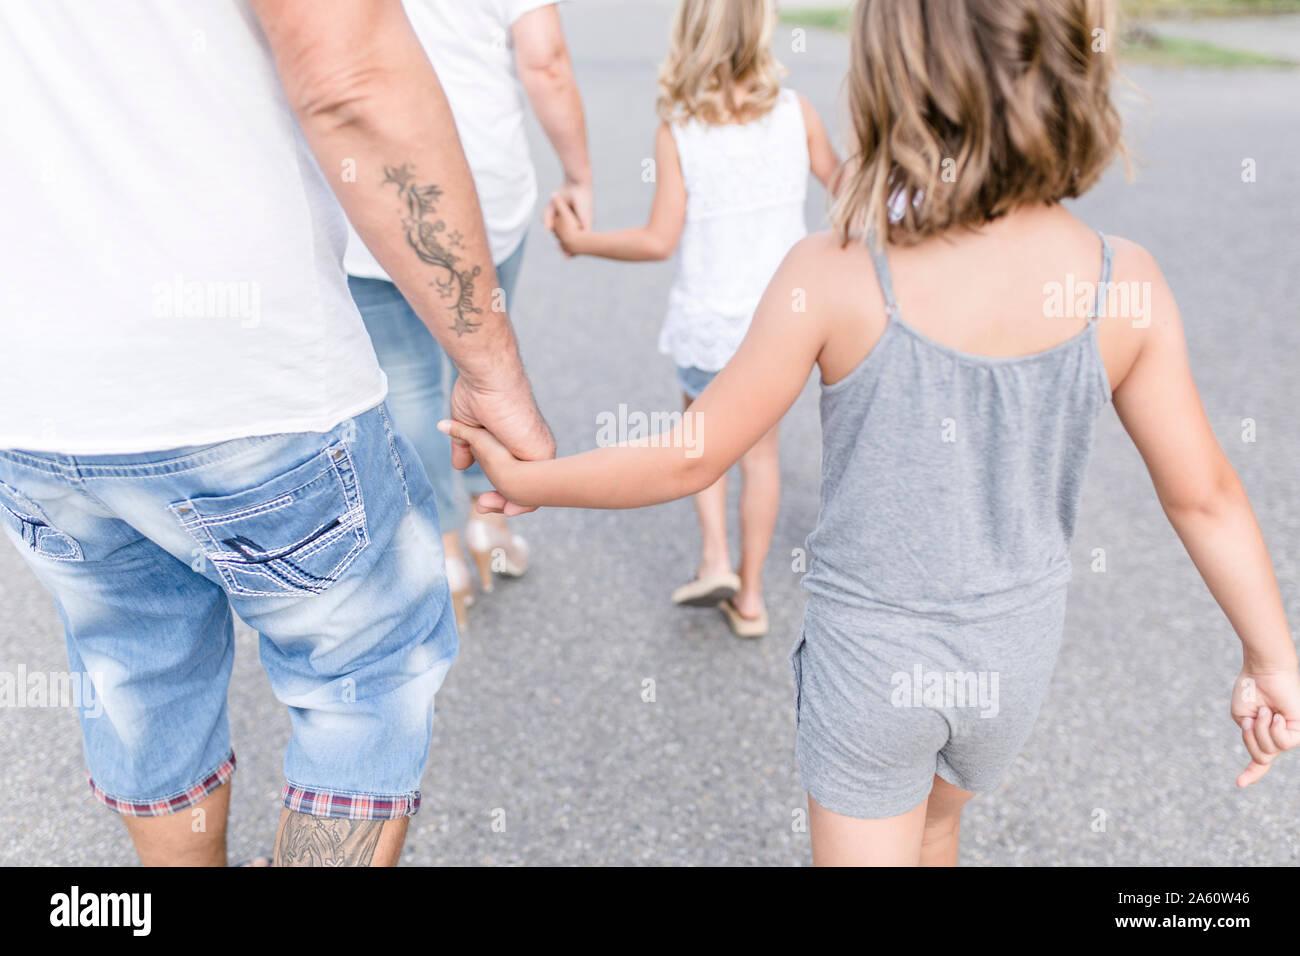 Vista posteriore della famiglia camminando mano nella mano su una strada Foto Stock